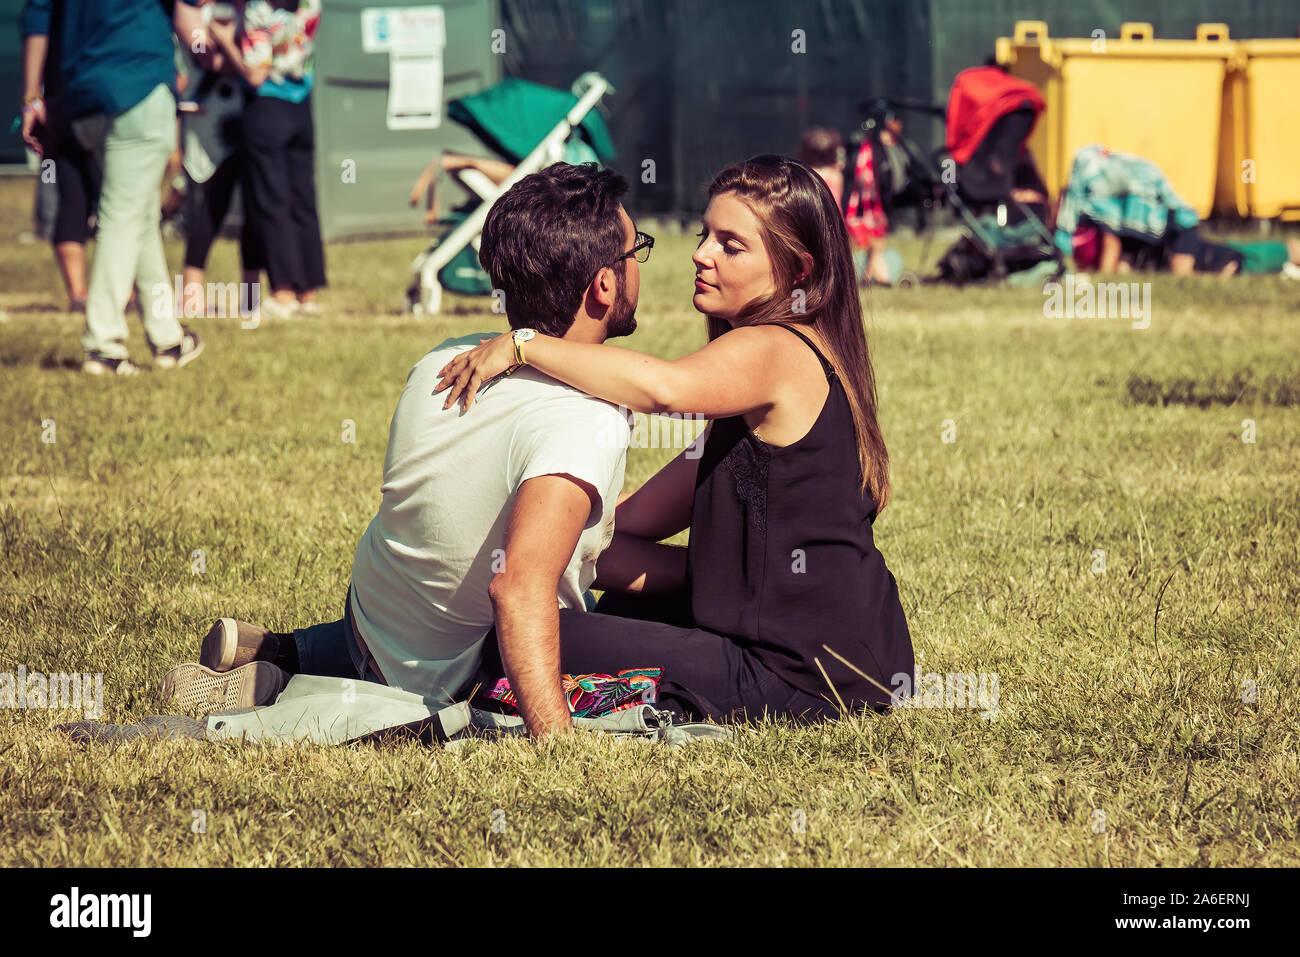 MADRID - SEP 7 : un couple qui pose dans l'herbe dans un concert au Dcode Music Festival le 7 septembre 2019 à Madrid, Espagne. Banque D'Images